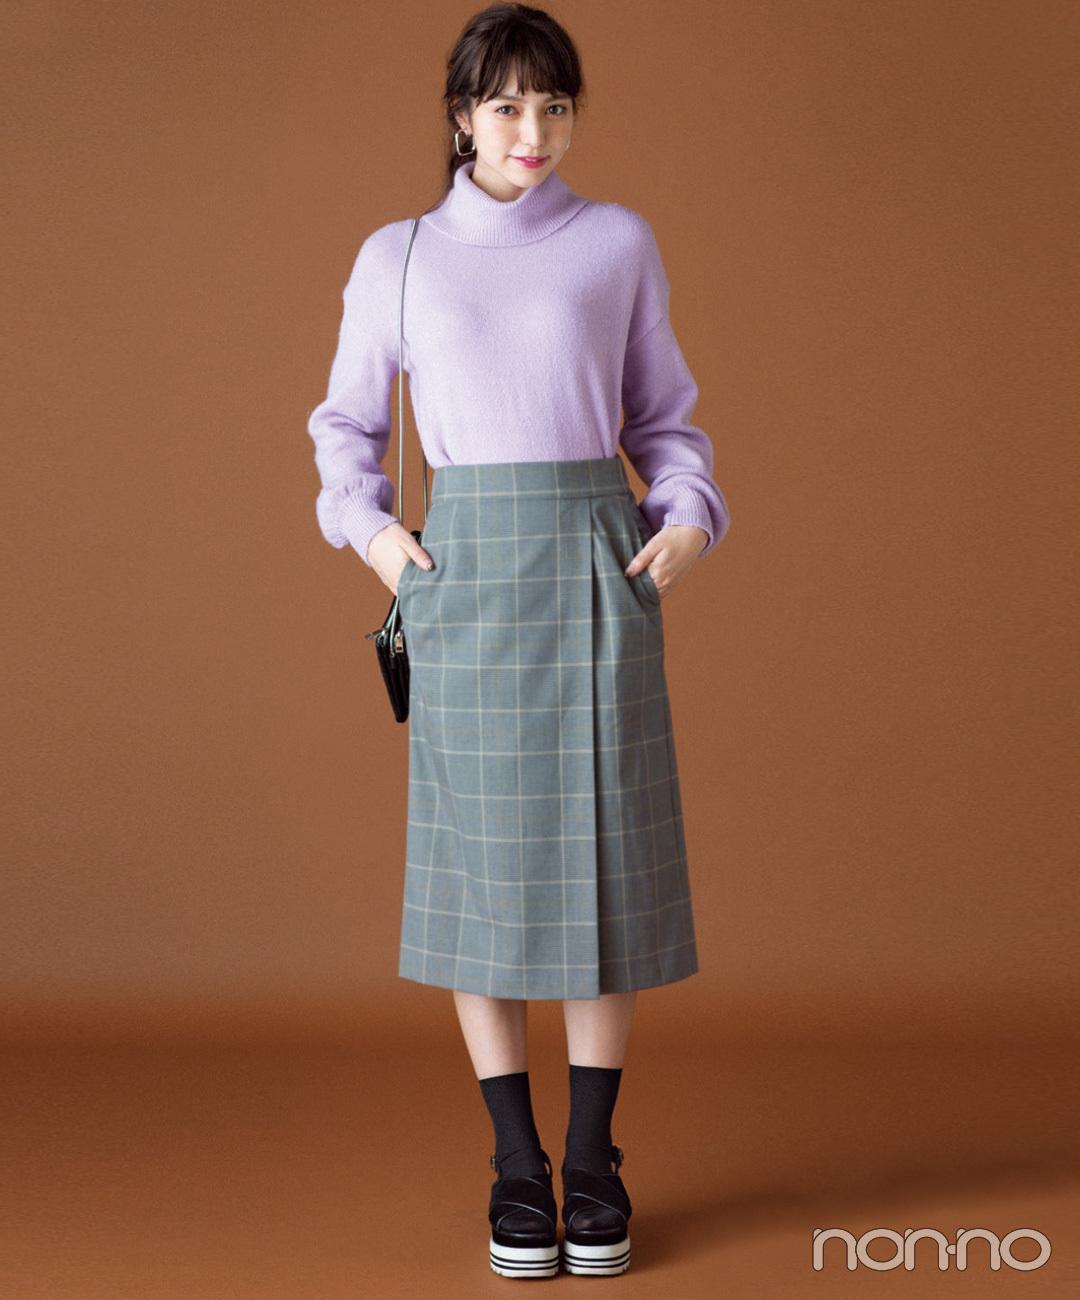 【ユニクロのタイトスカート】優しげなパステルニットが女らしさを底上げ!